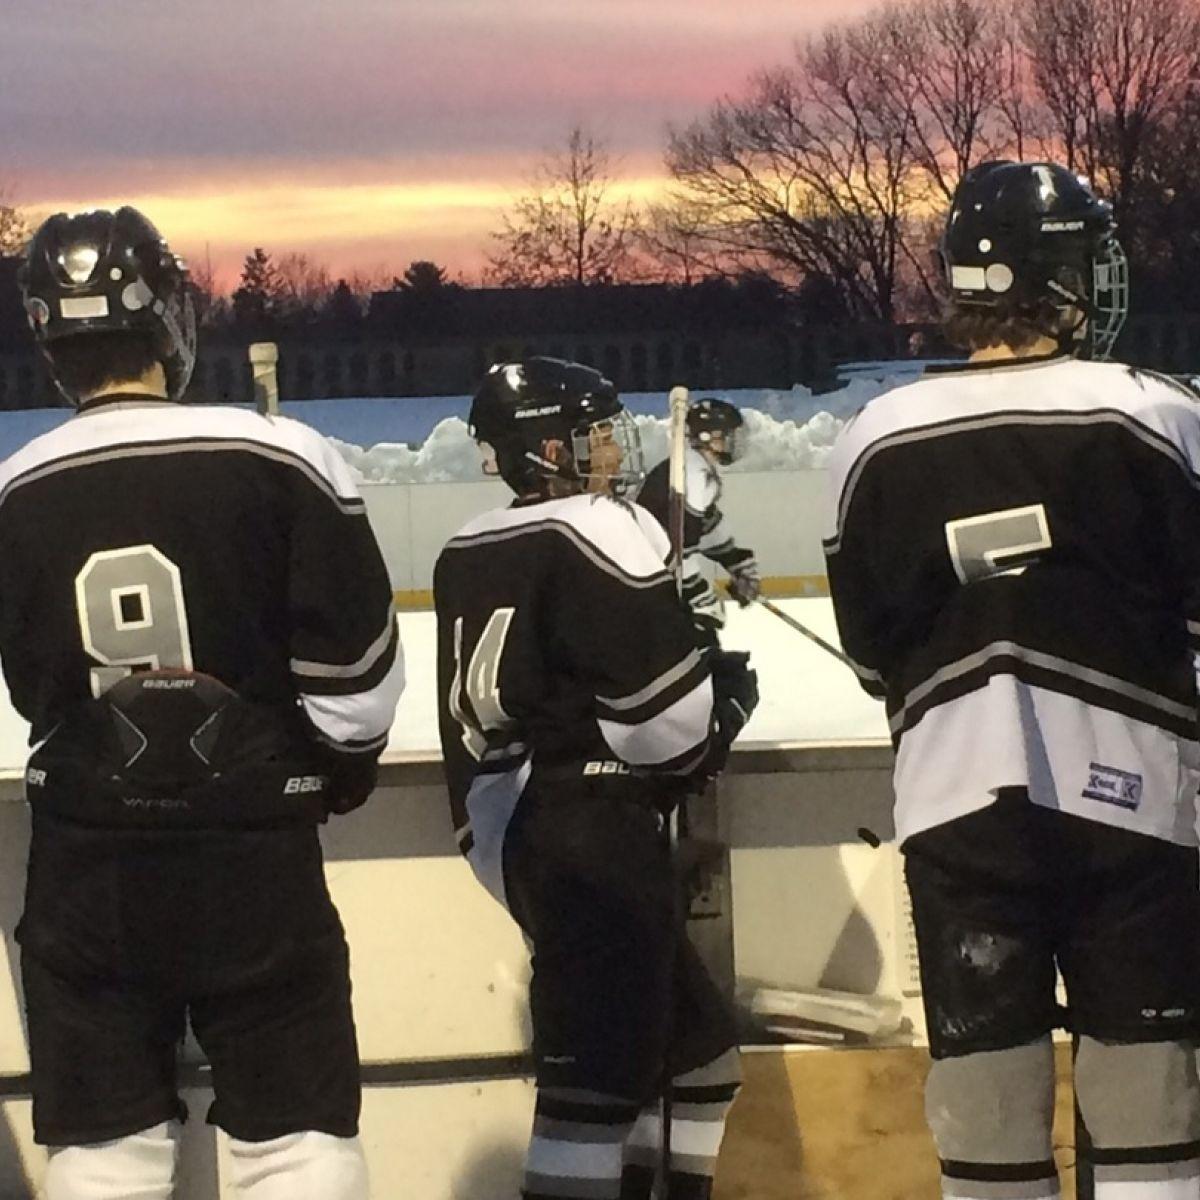 Becoming an Irish 'ice-hockey dad' in Massachusetts